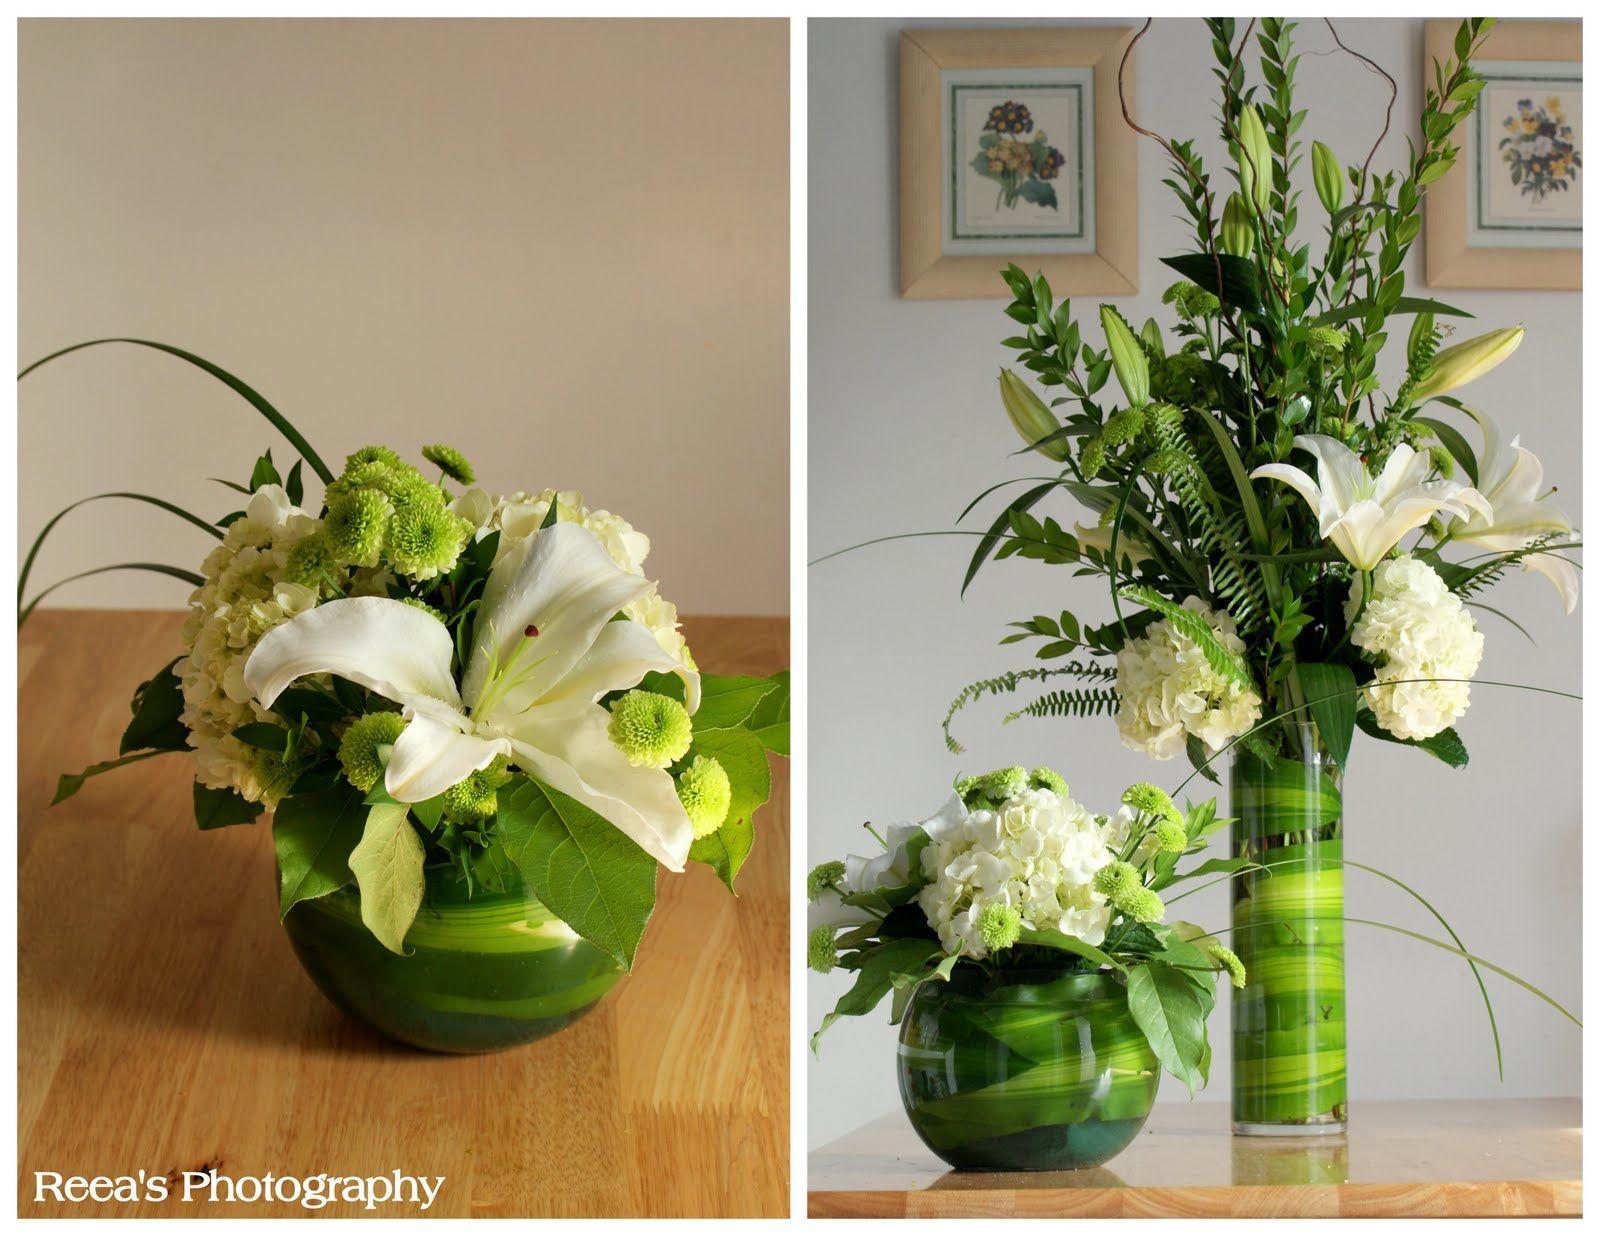 Cylinder vase flower arrangements gogreenflowerarrangement3b cylinder vase flower arrangements gogreenflowerarrangement3bbyjudyanneflowersg reviewsmspy